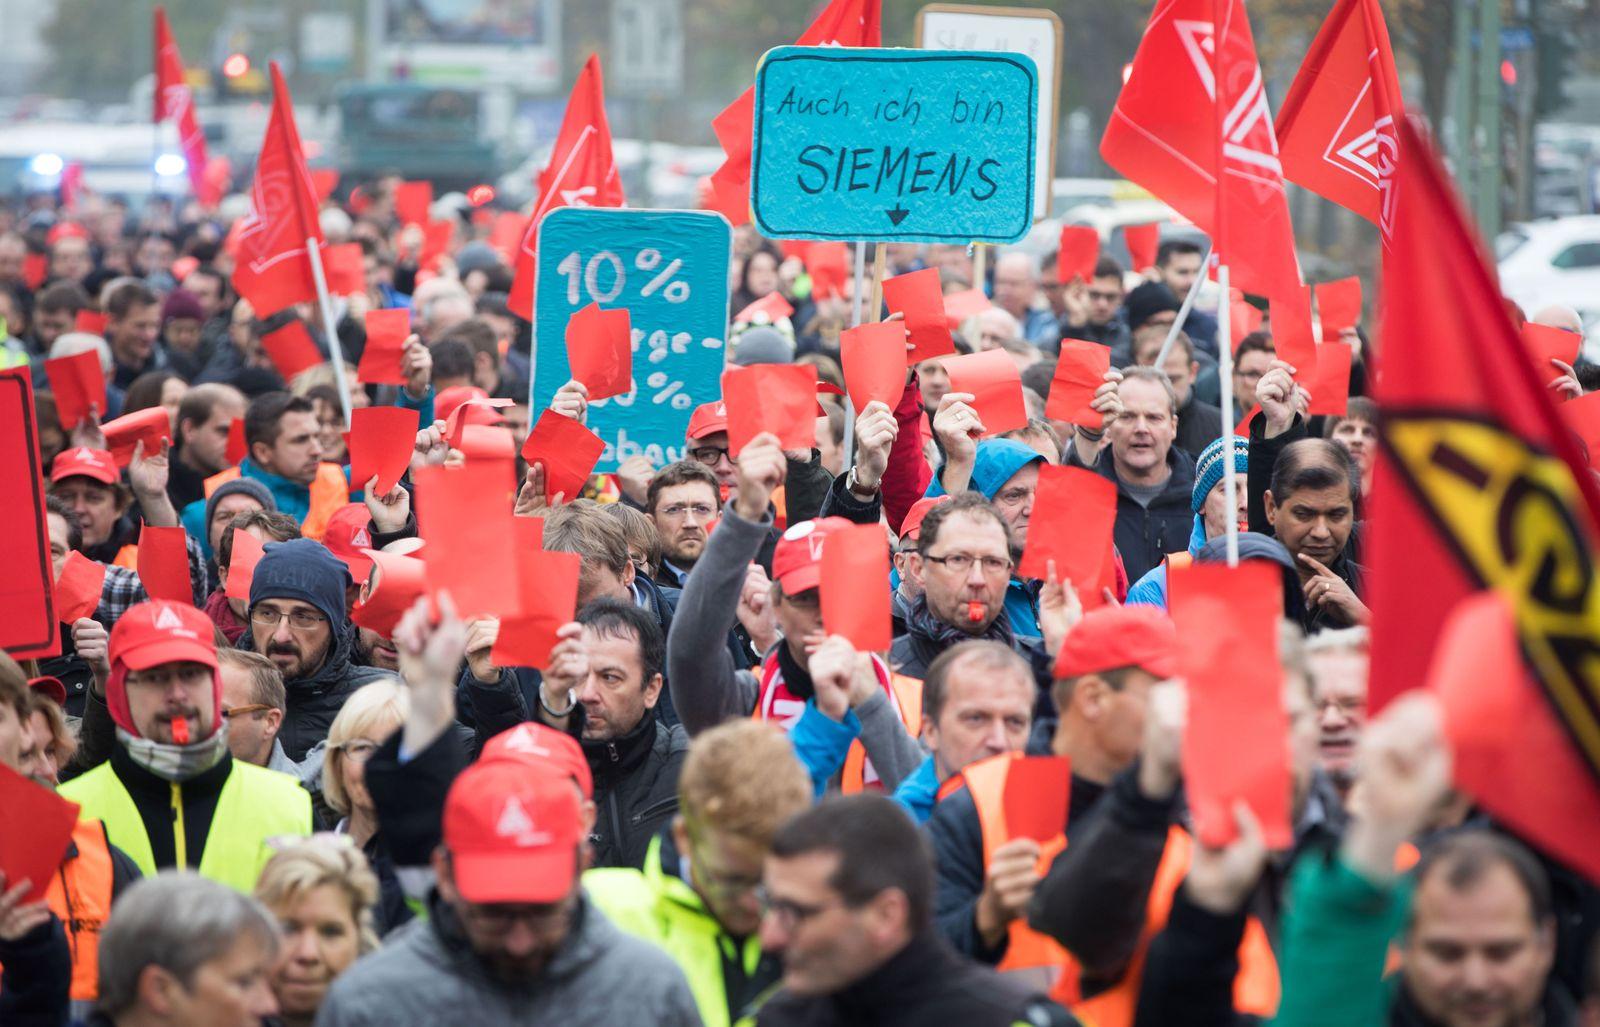 Proteste gegen Siemens Görlitz